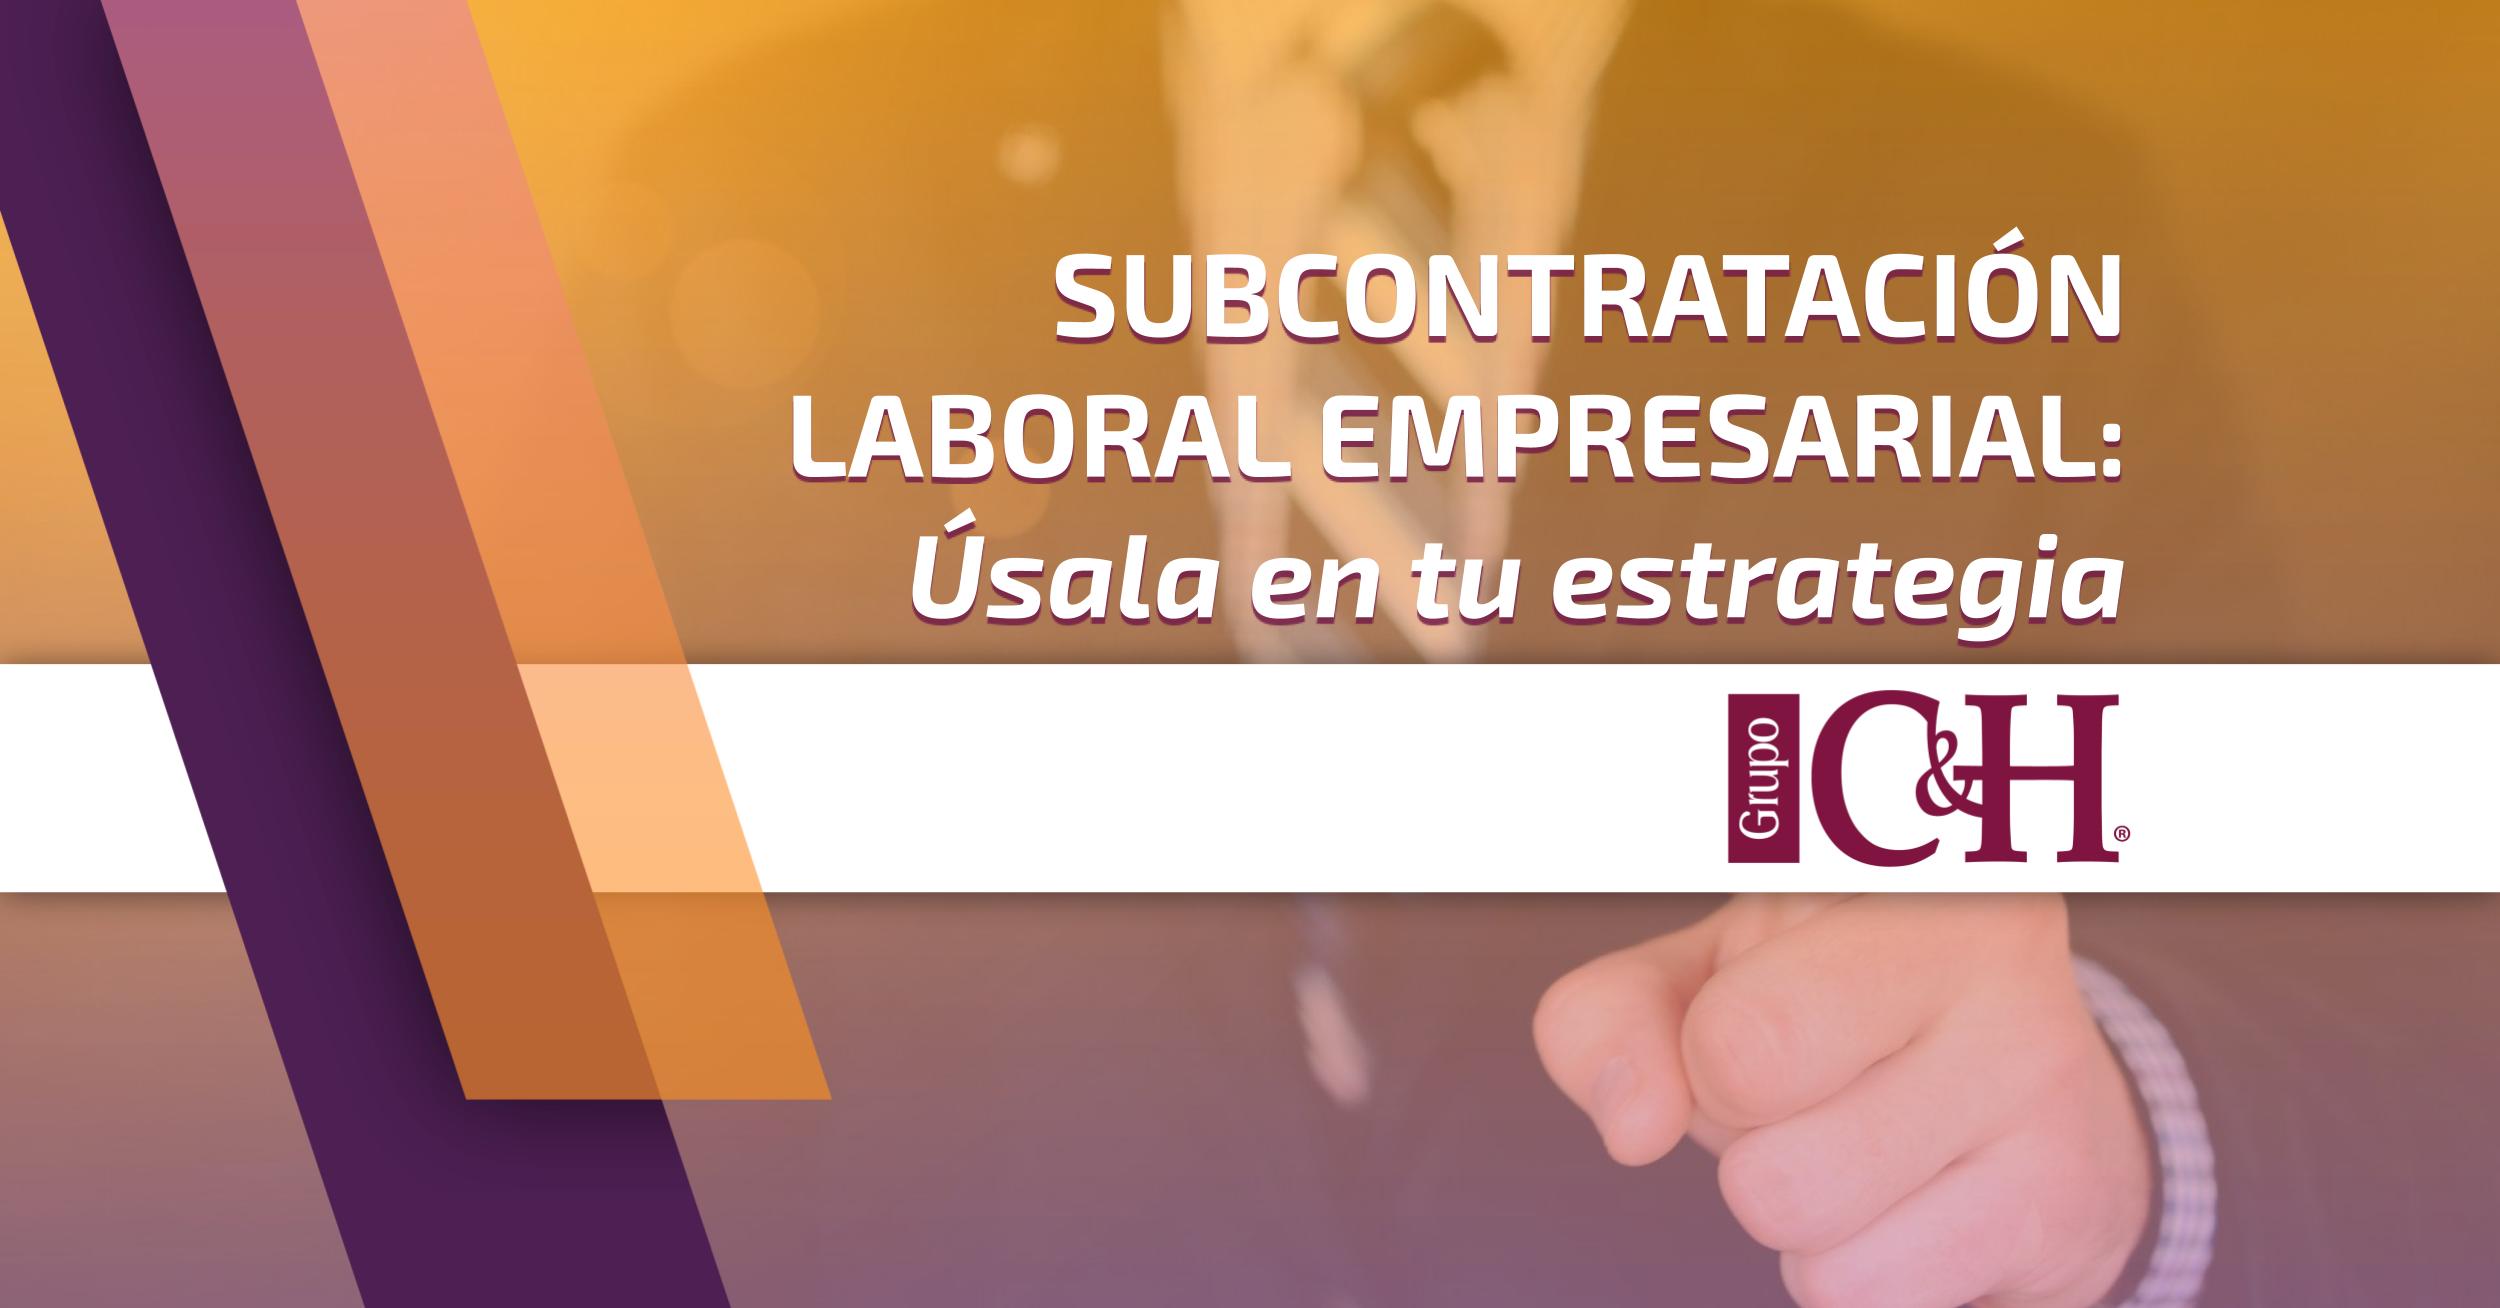 subcontratacion-laboral-empresarial